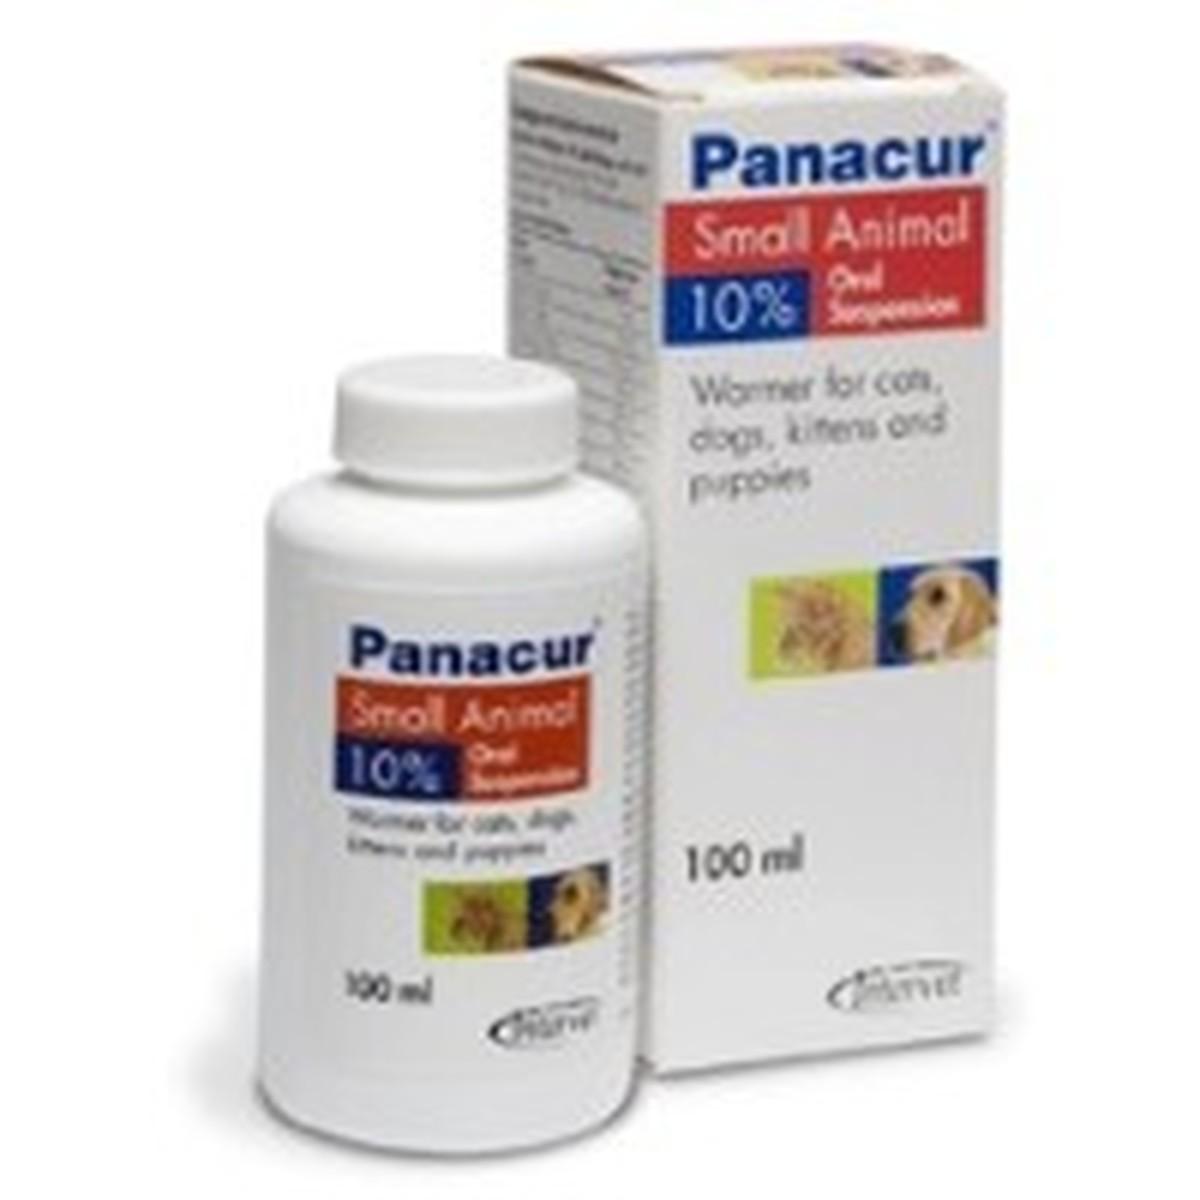 A Panacur mellékhatásai macskákban - Egészség - 2020